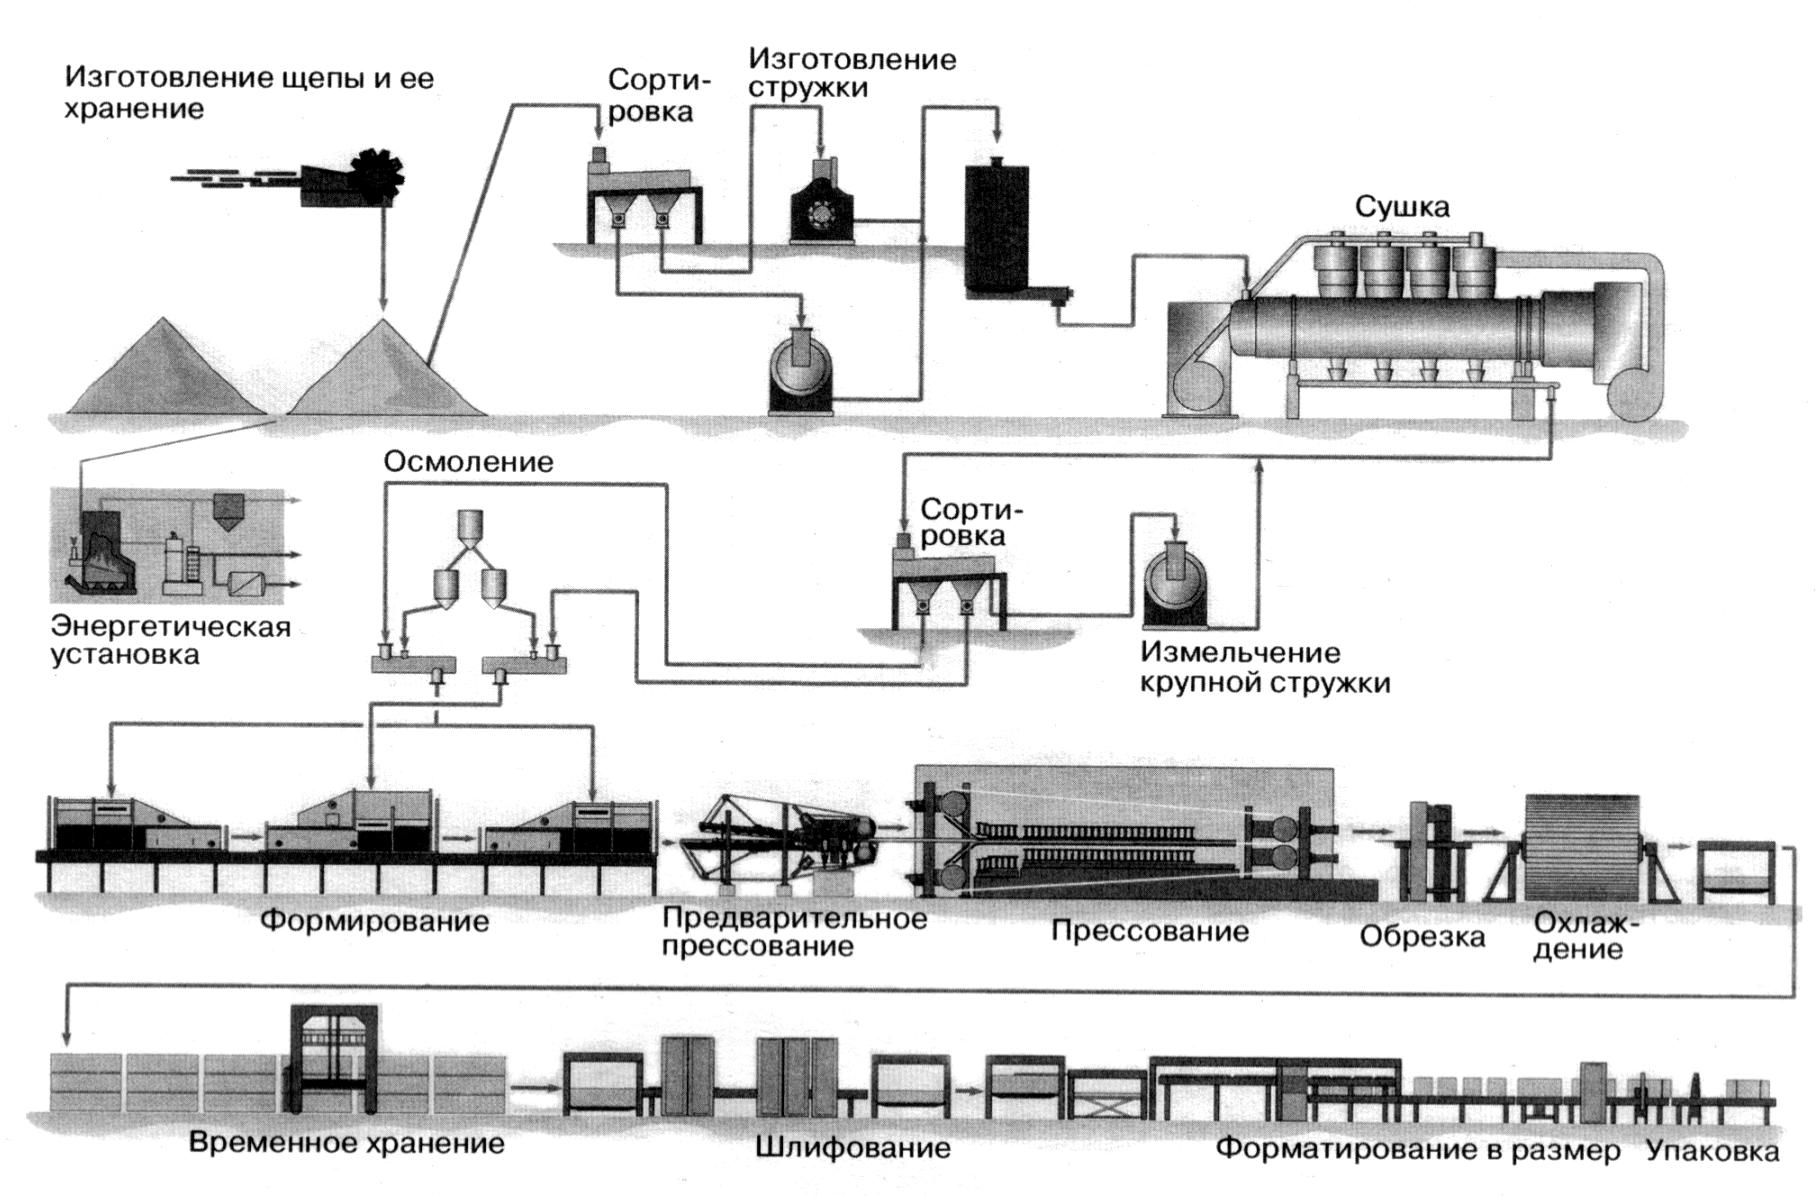 Схема производства трехслойных плит